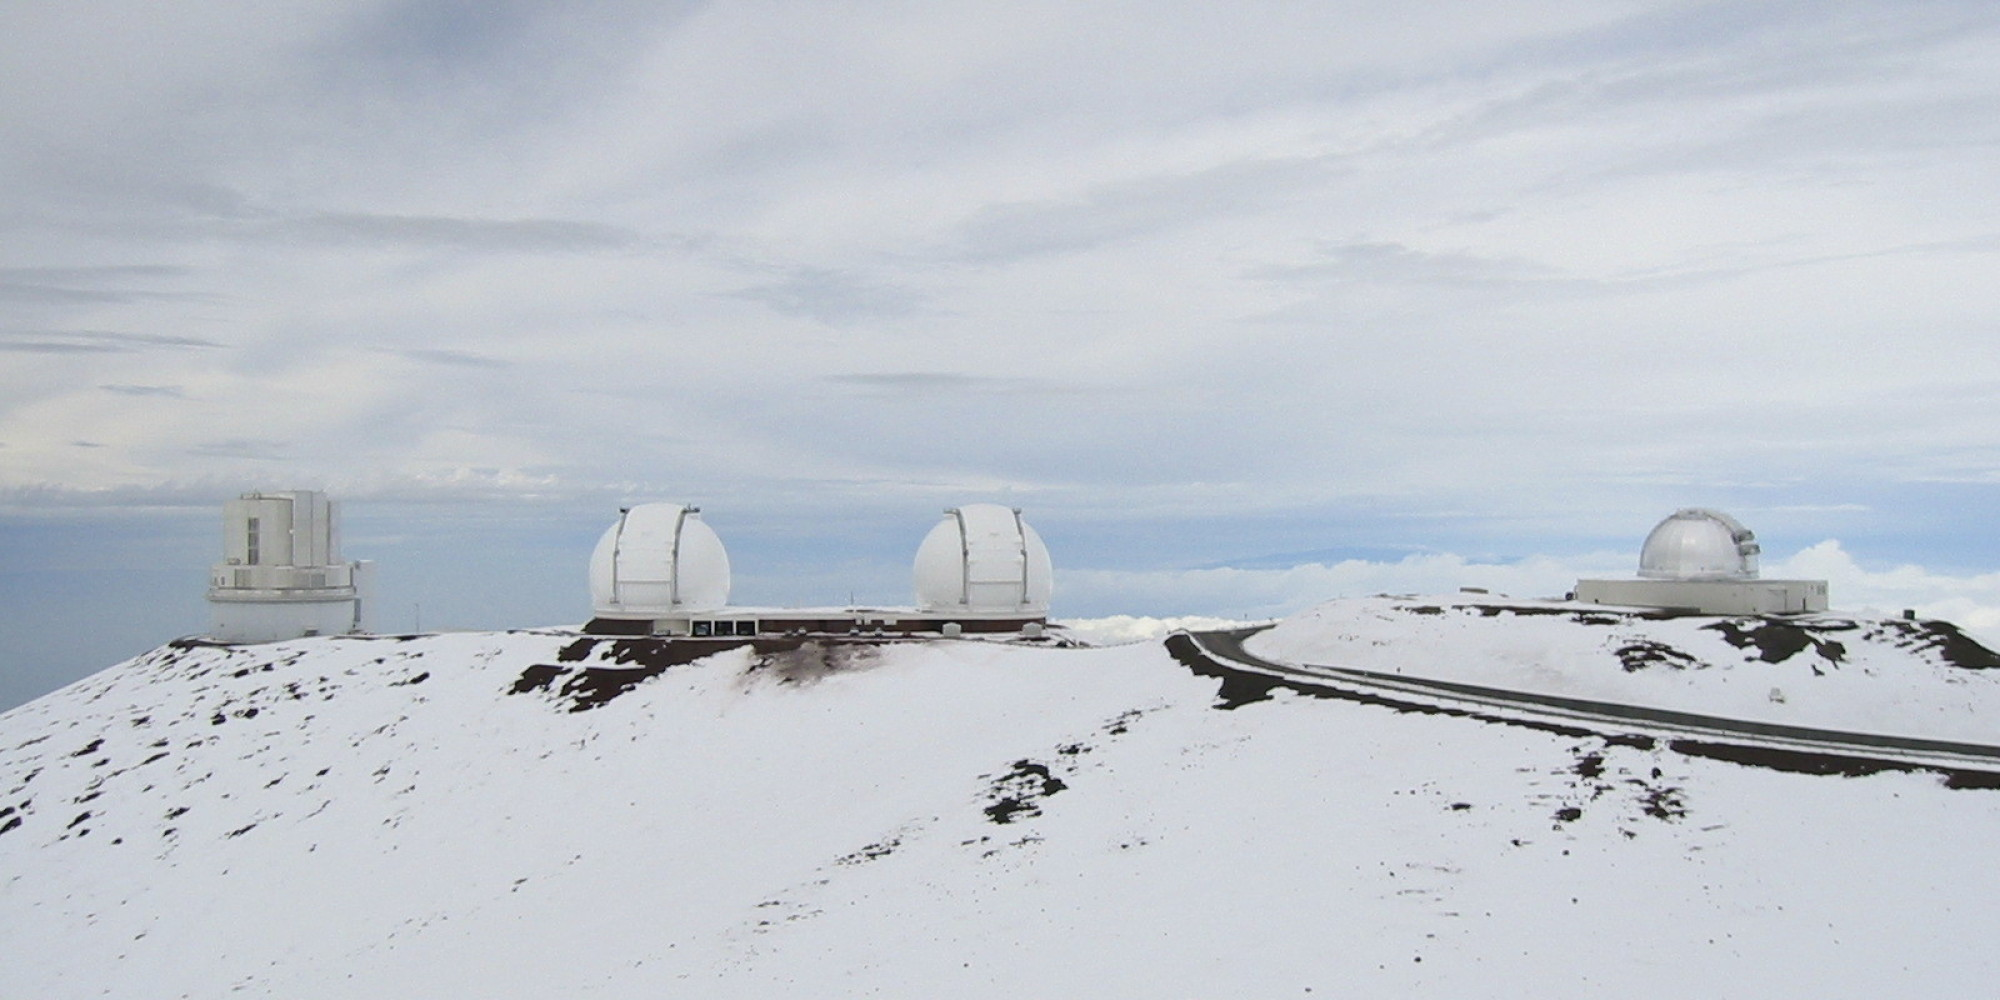 even hawaii u0026 39 s mauna kea is covered in snow  aka winter may